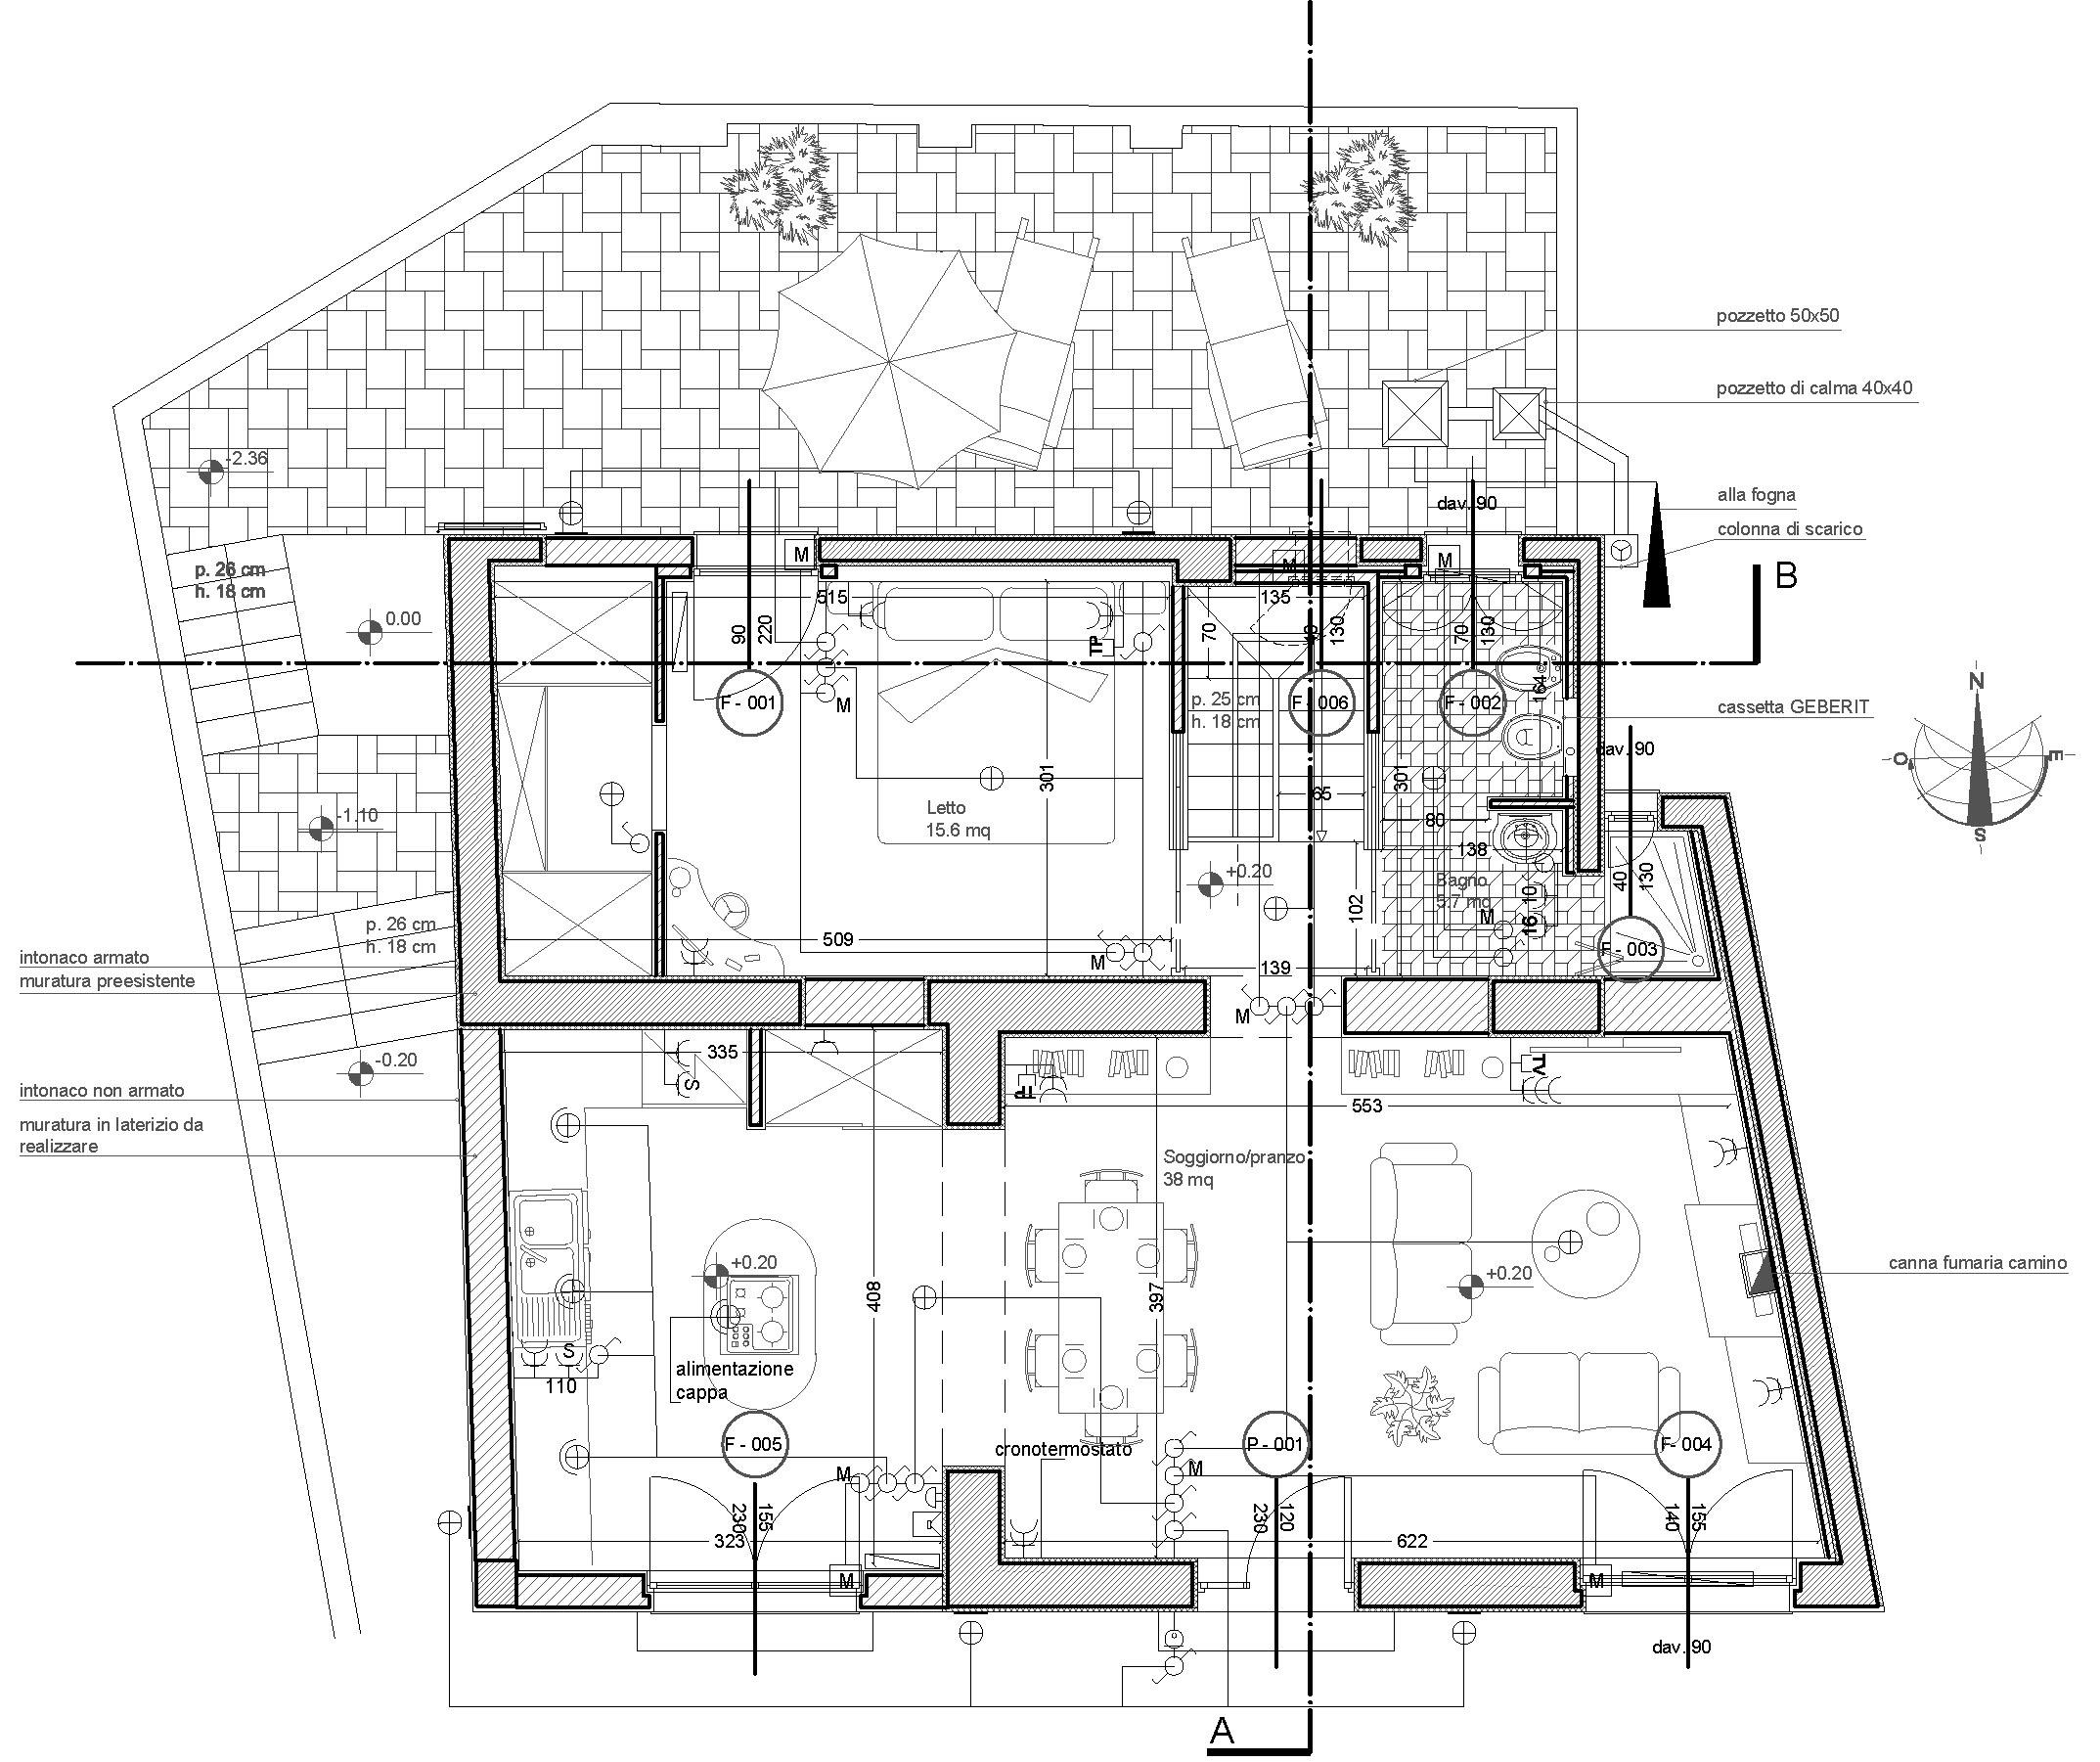 Fondazioni Per Edifici In Muratura.Casa Bv Recupero Edilizio E Consolidamento Strutture